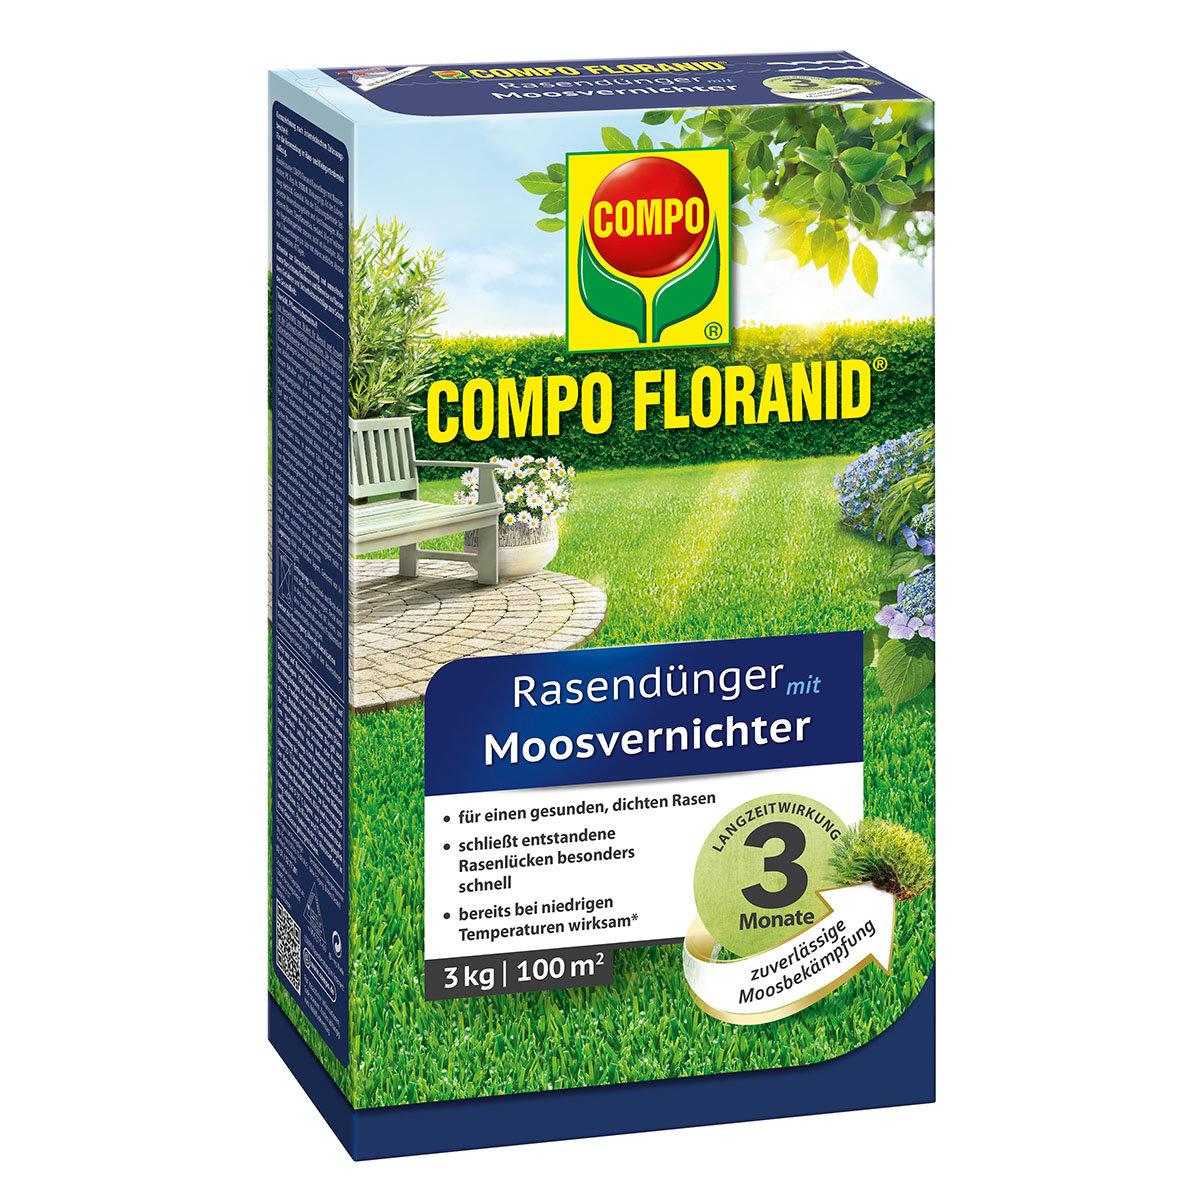 Compo Floranid Rasendünger mit Moosvernichter, 3 kg